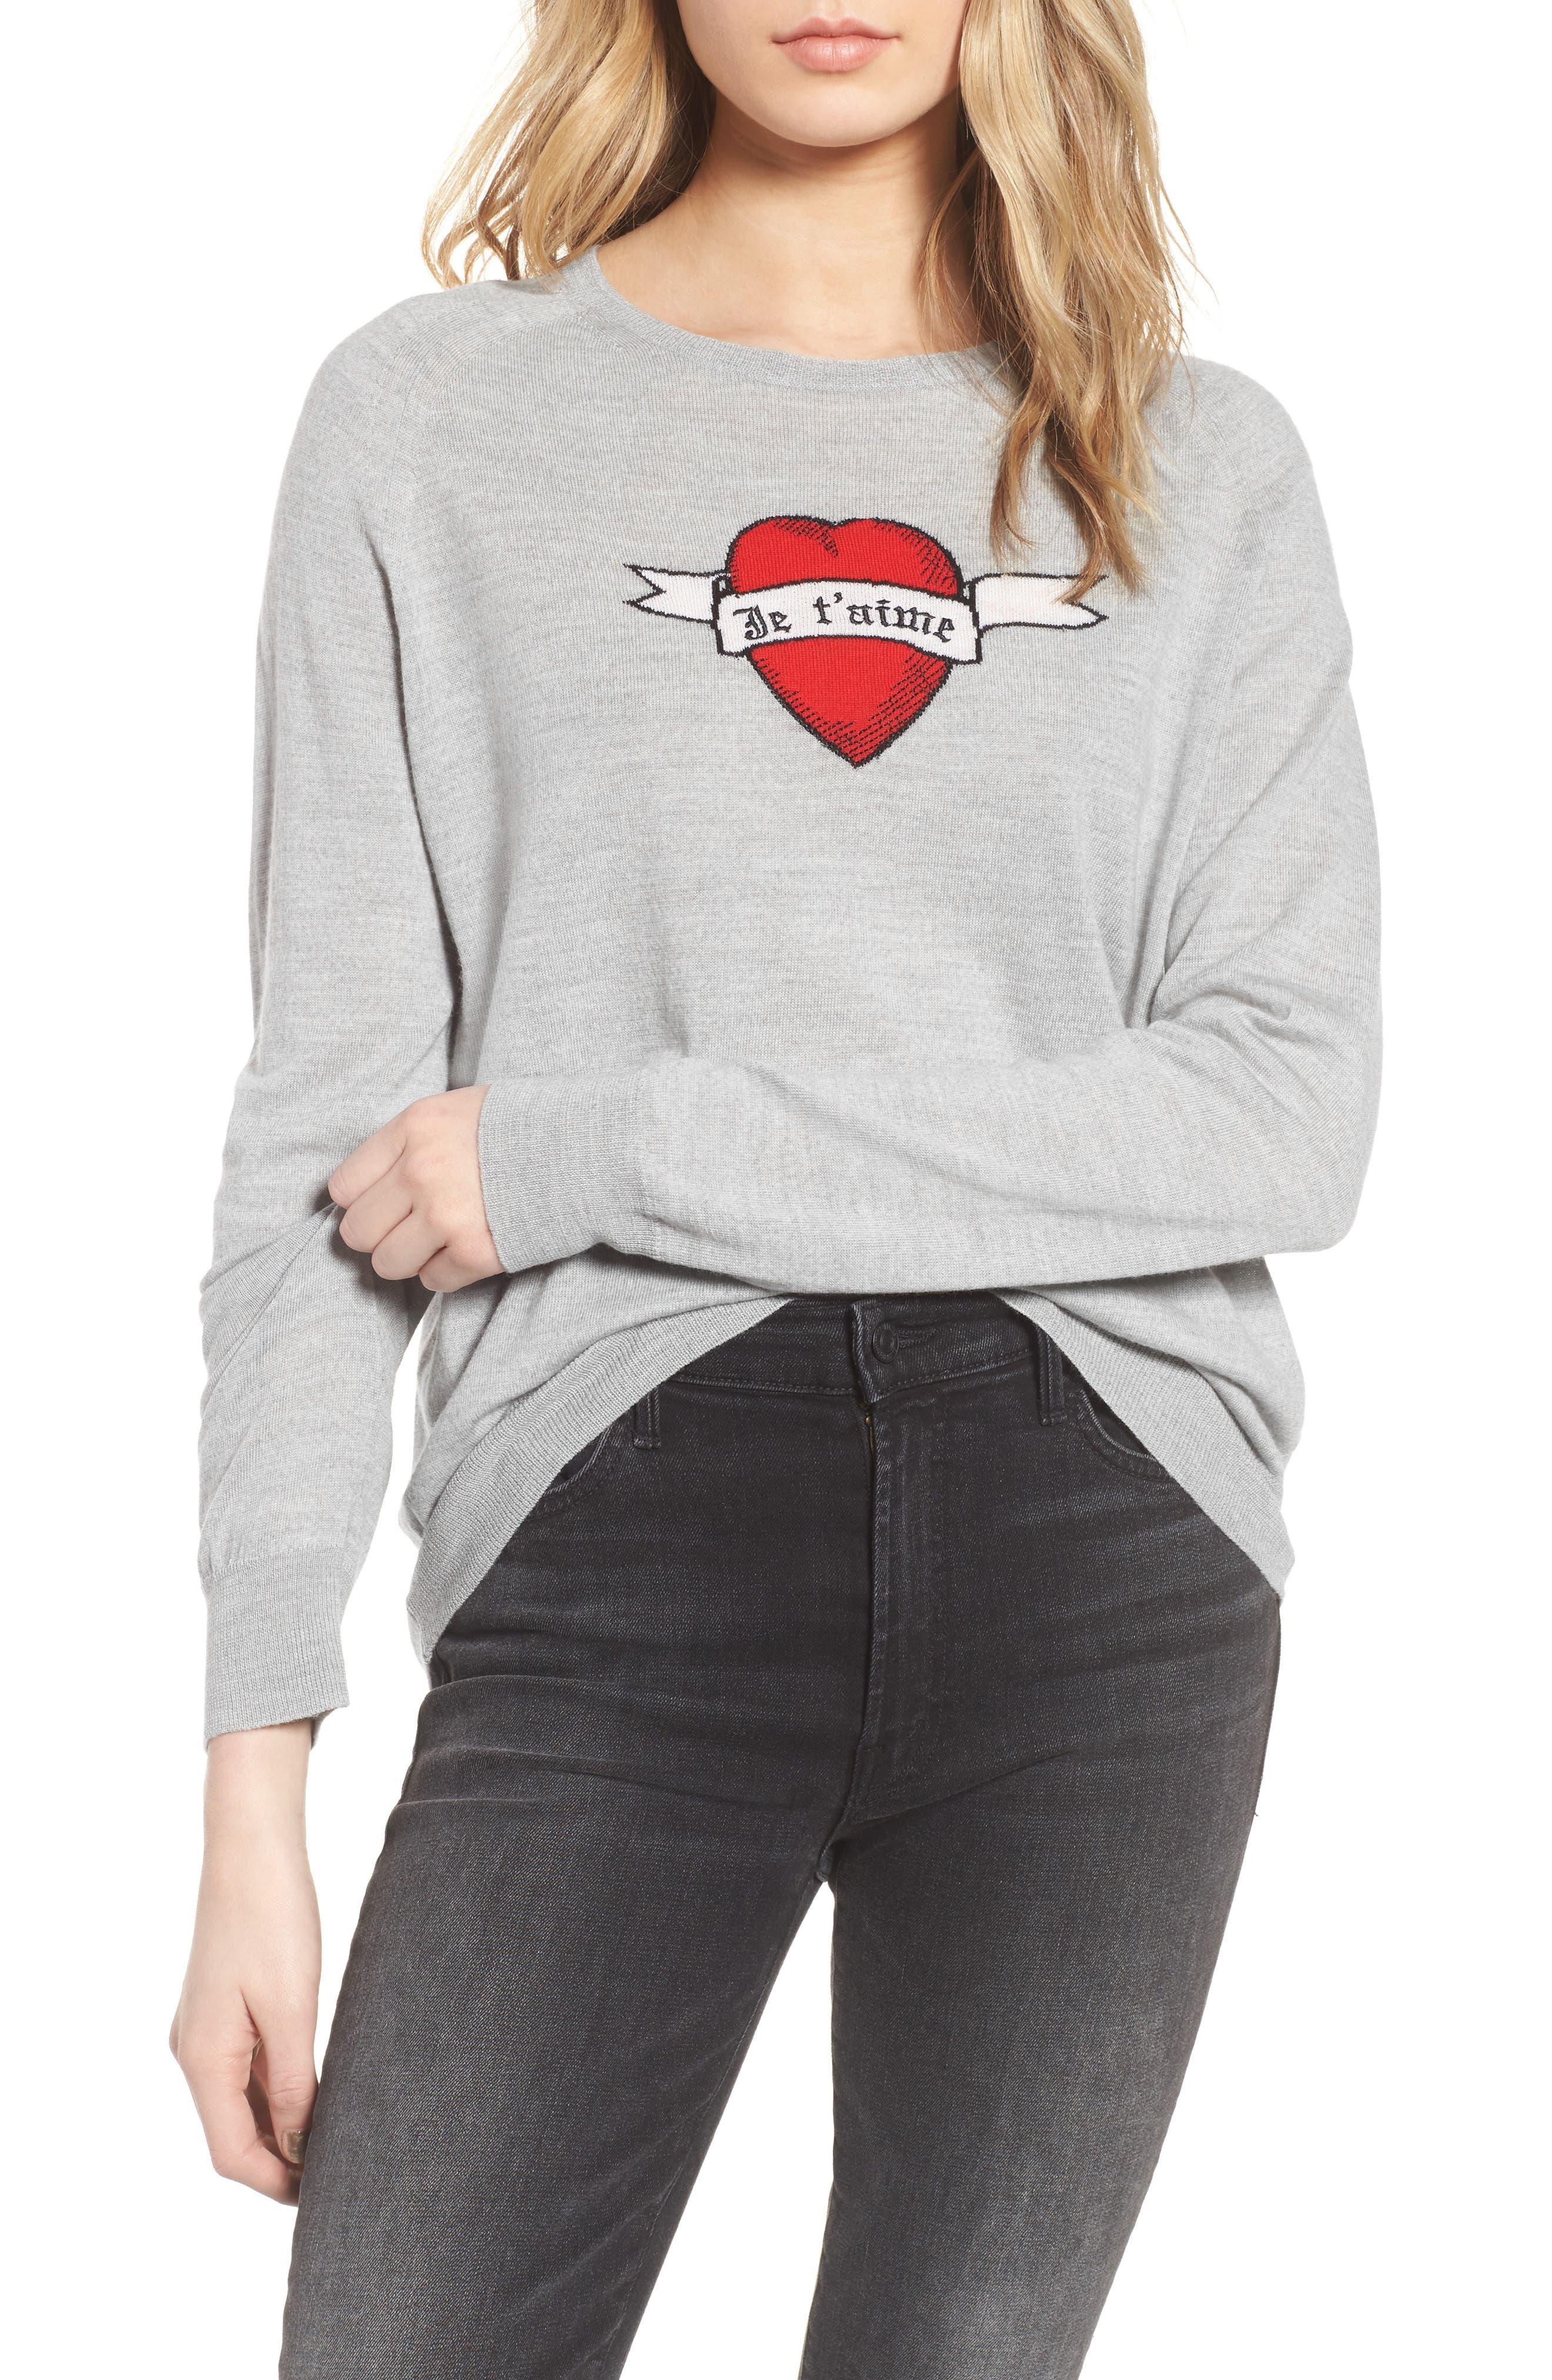 Rime Bis Merino Wool Sweater,                             Main thumbnail 1, color,                             Grey